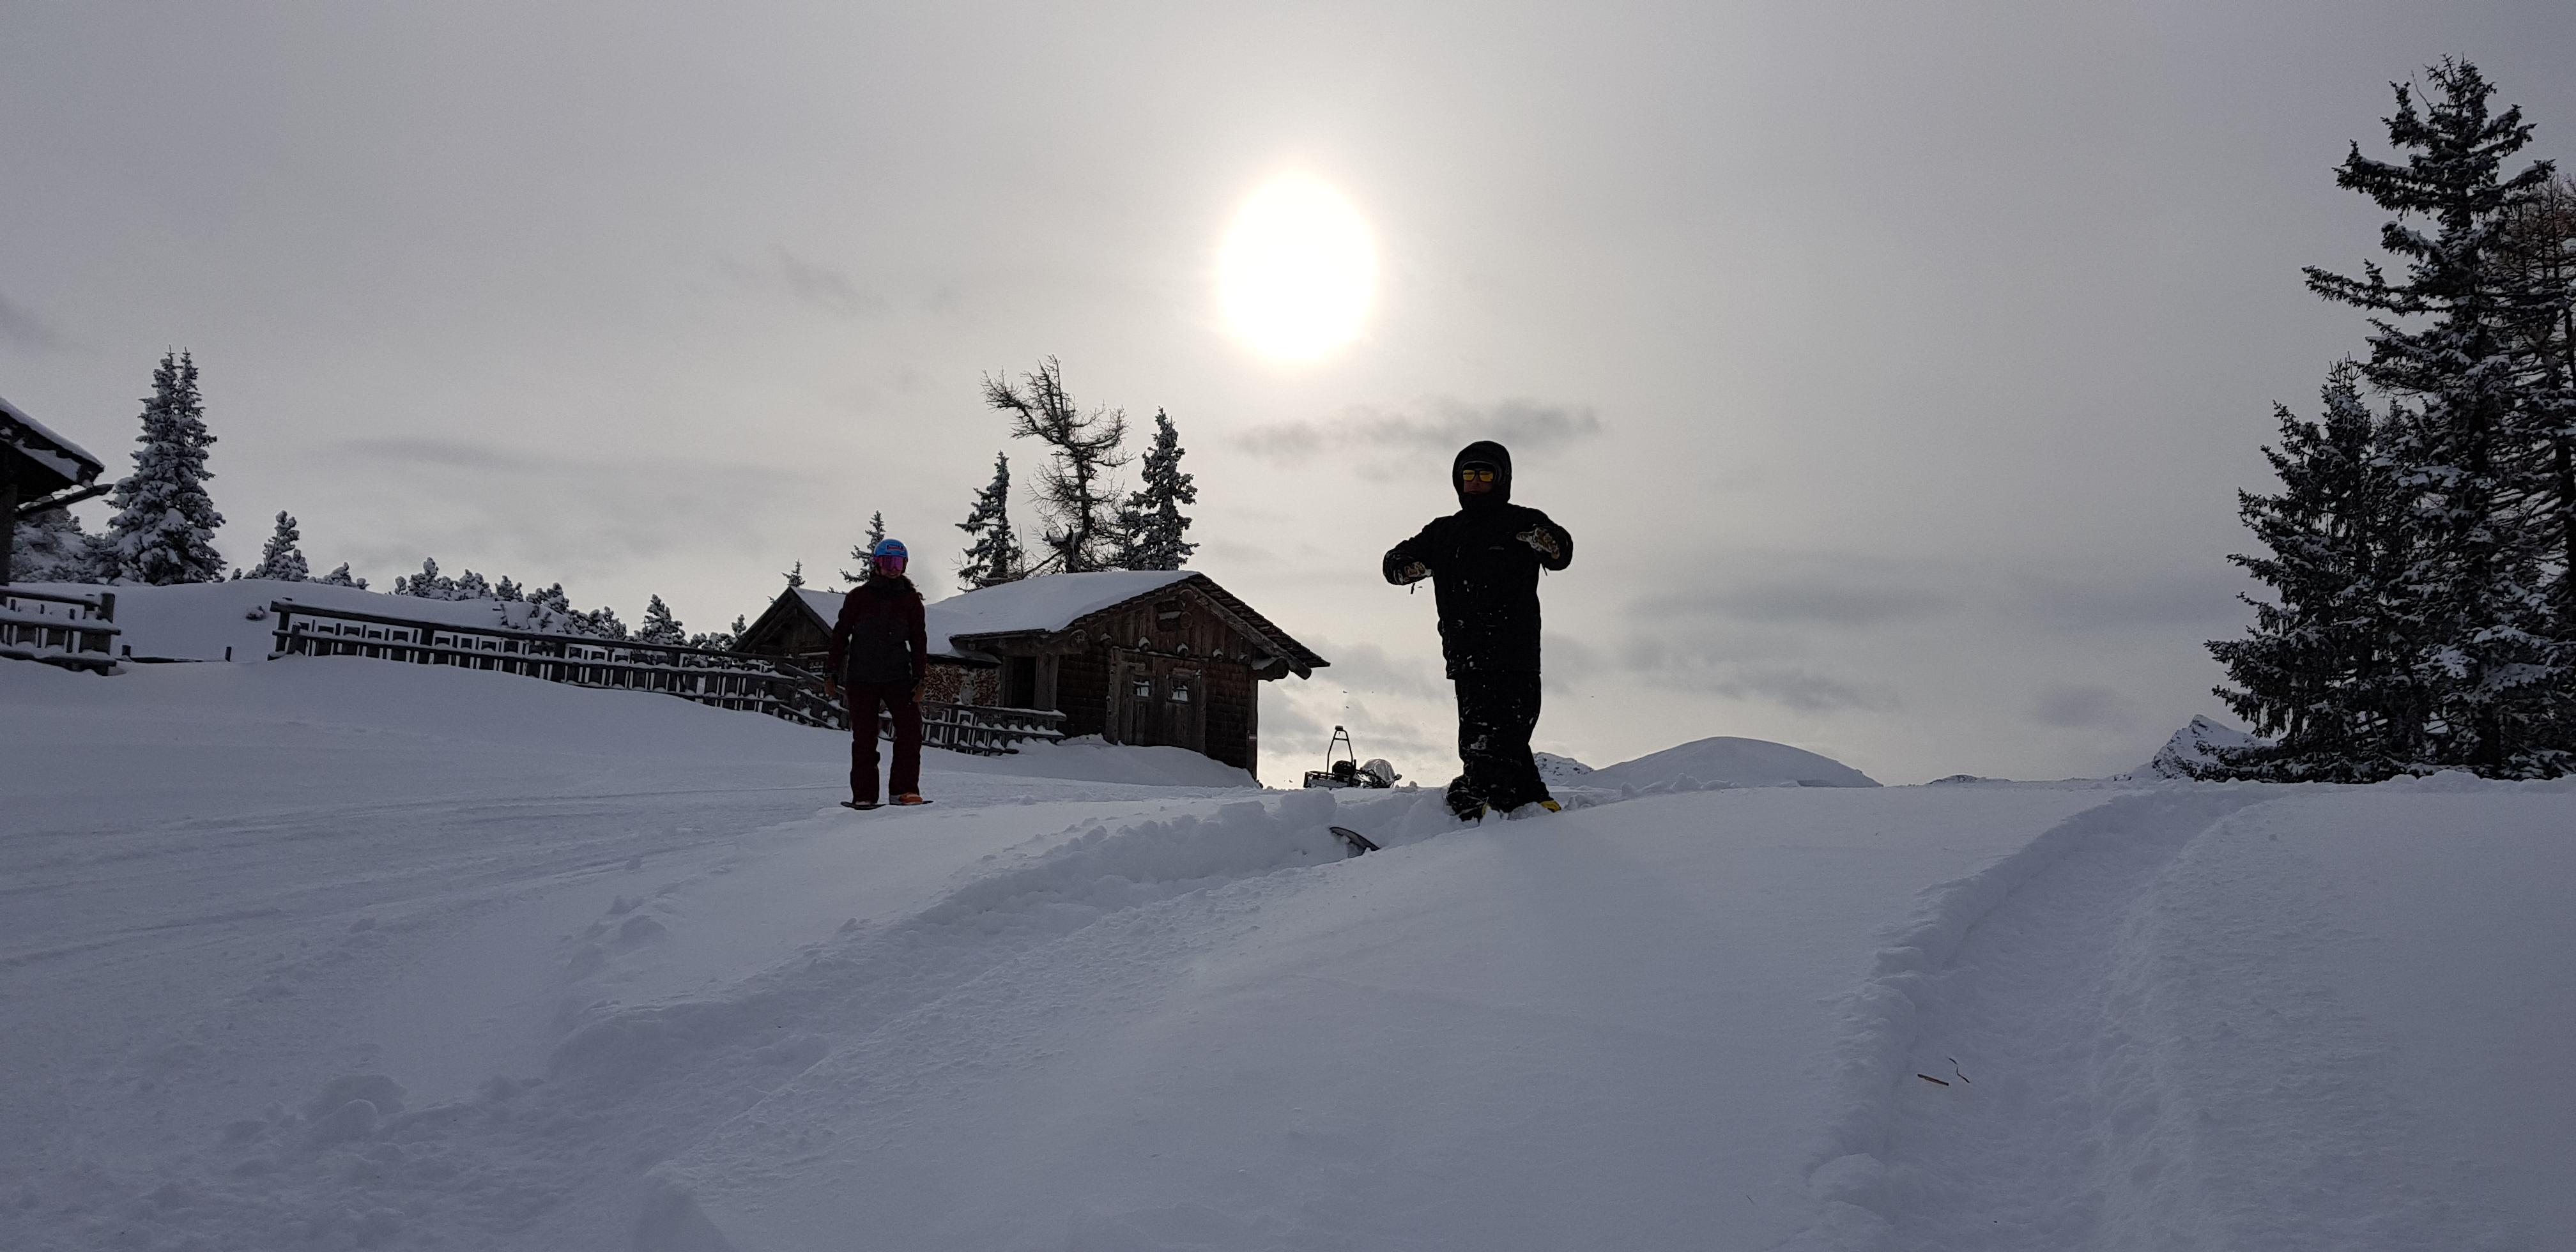 Patrizia Kummer steht zusammen mit ihrem Trainer Mario Rantschl zu oberst auf einem Berg, kurz bevor die Powderabfahrt beginnt.